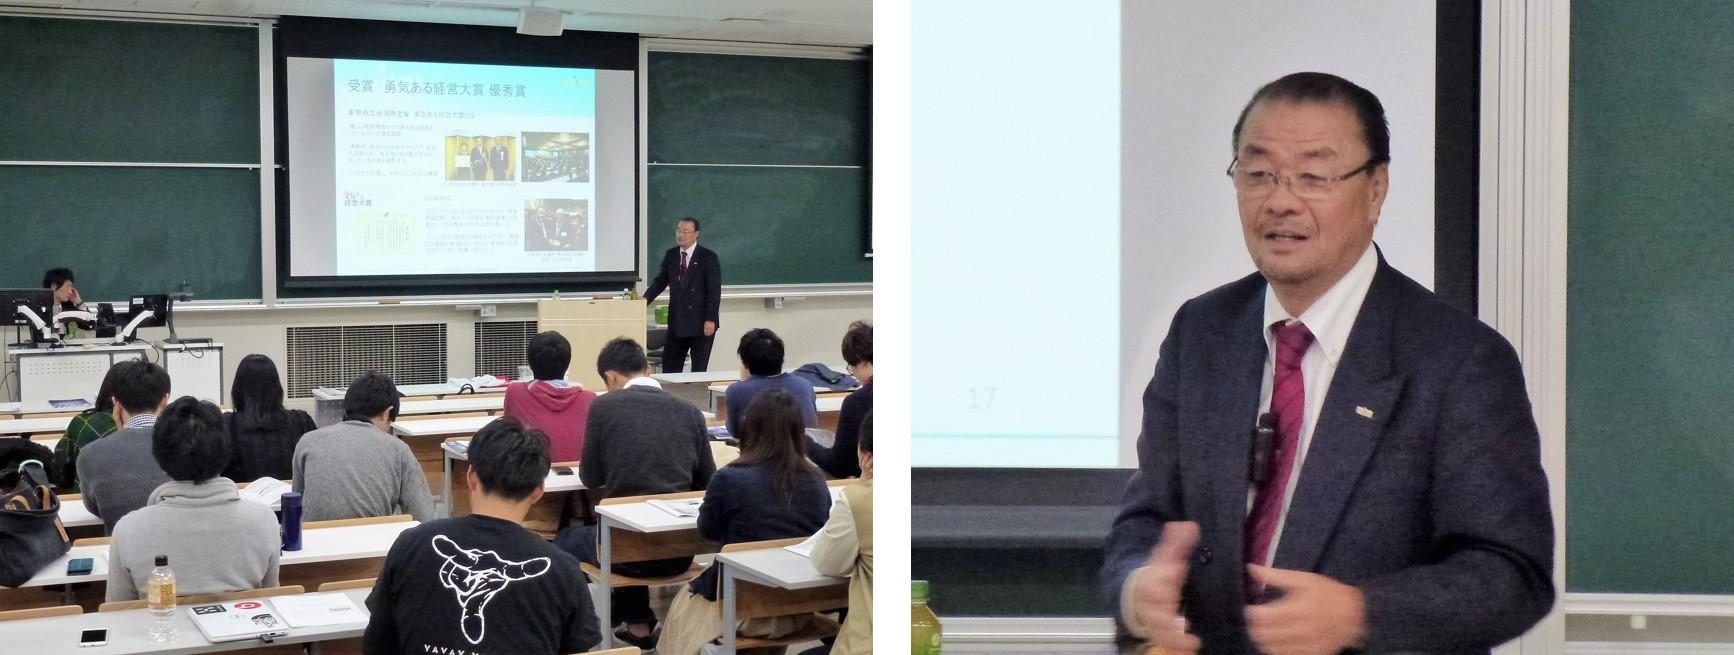 協栄産業 立命館大学 古澤栄一 ジャパンテック ペットボトル PETボトル リサイクル